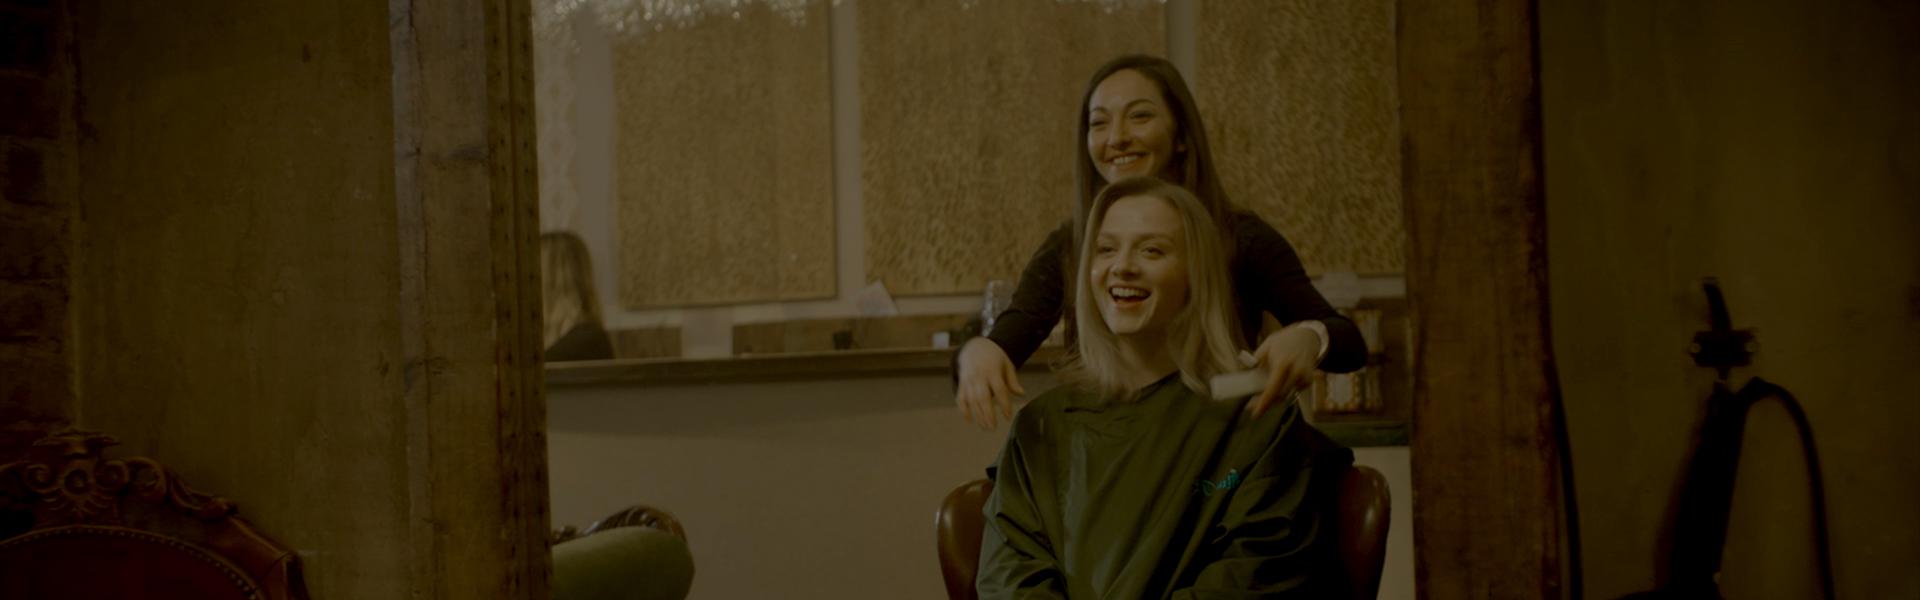 Two women in a hair salon